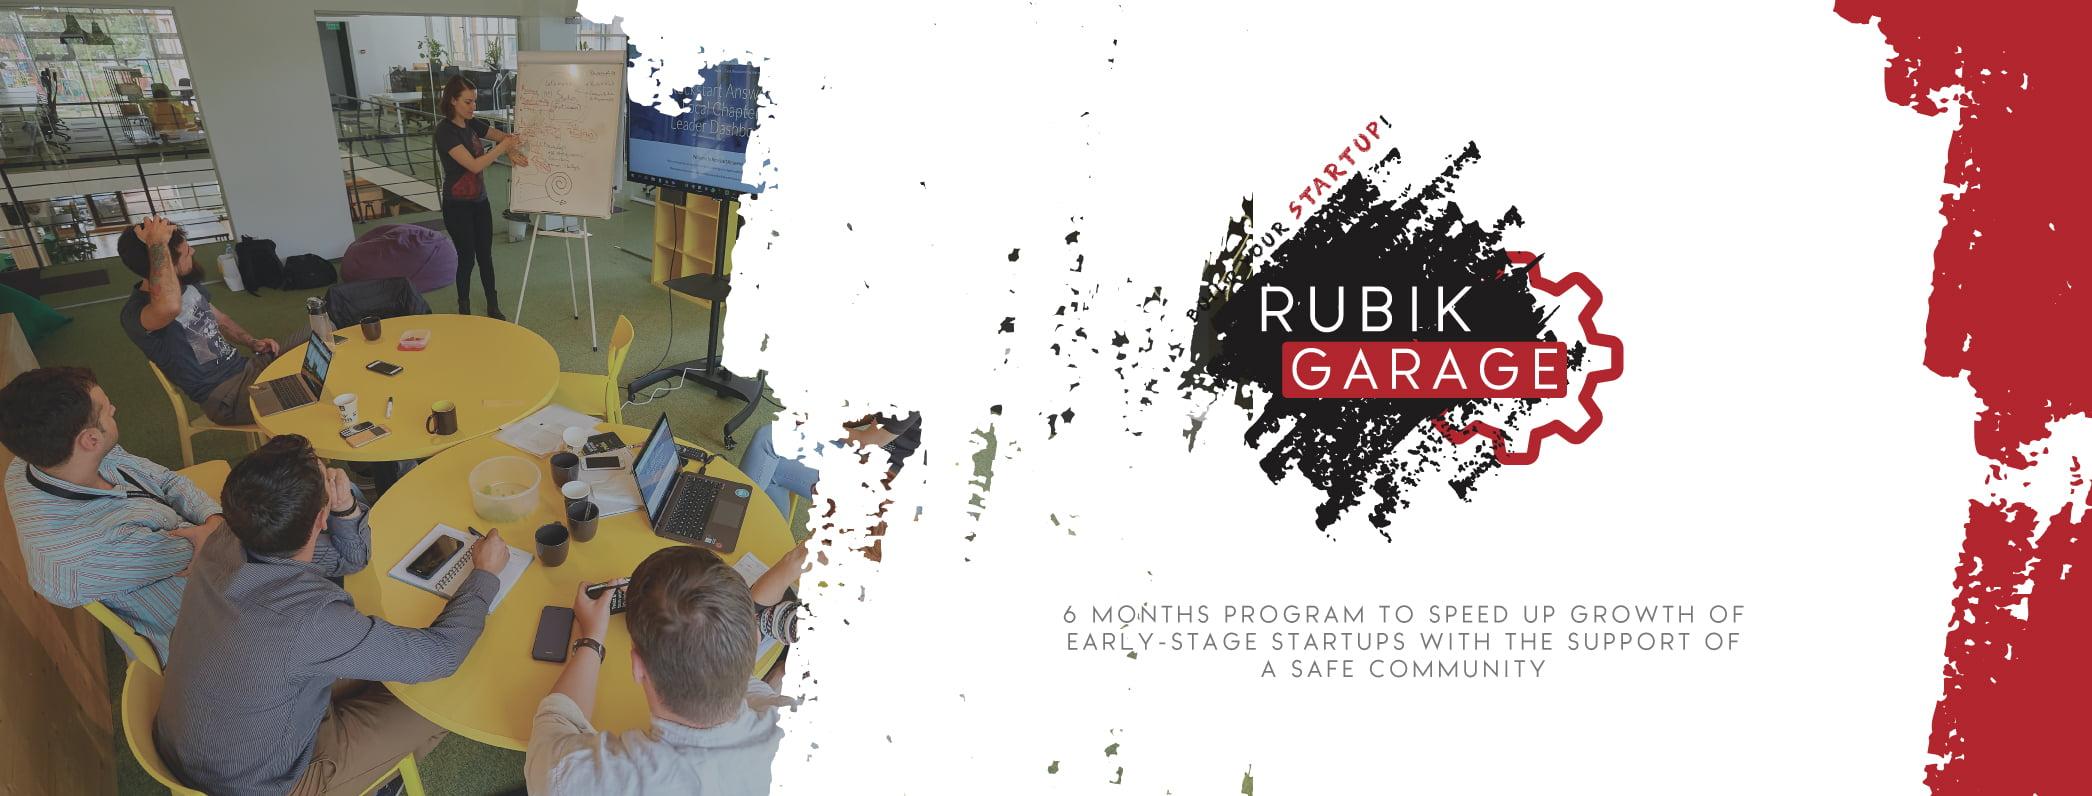 Rubik Garage 2019